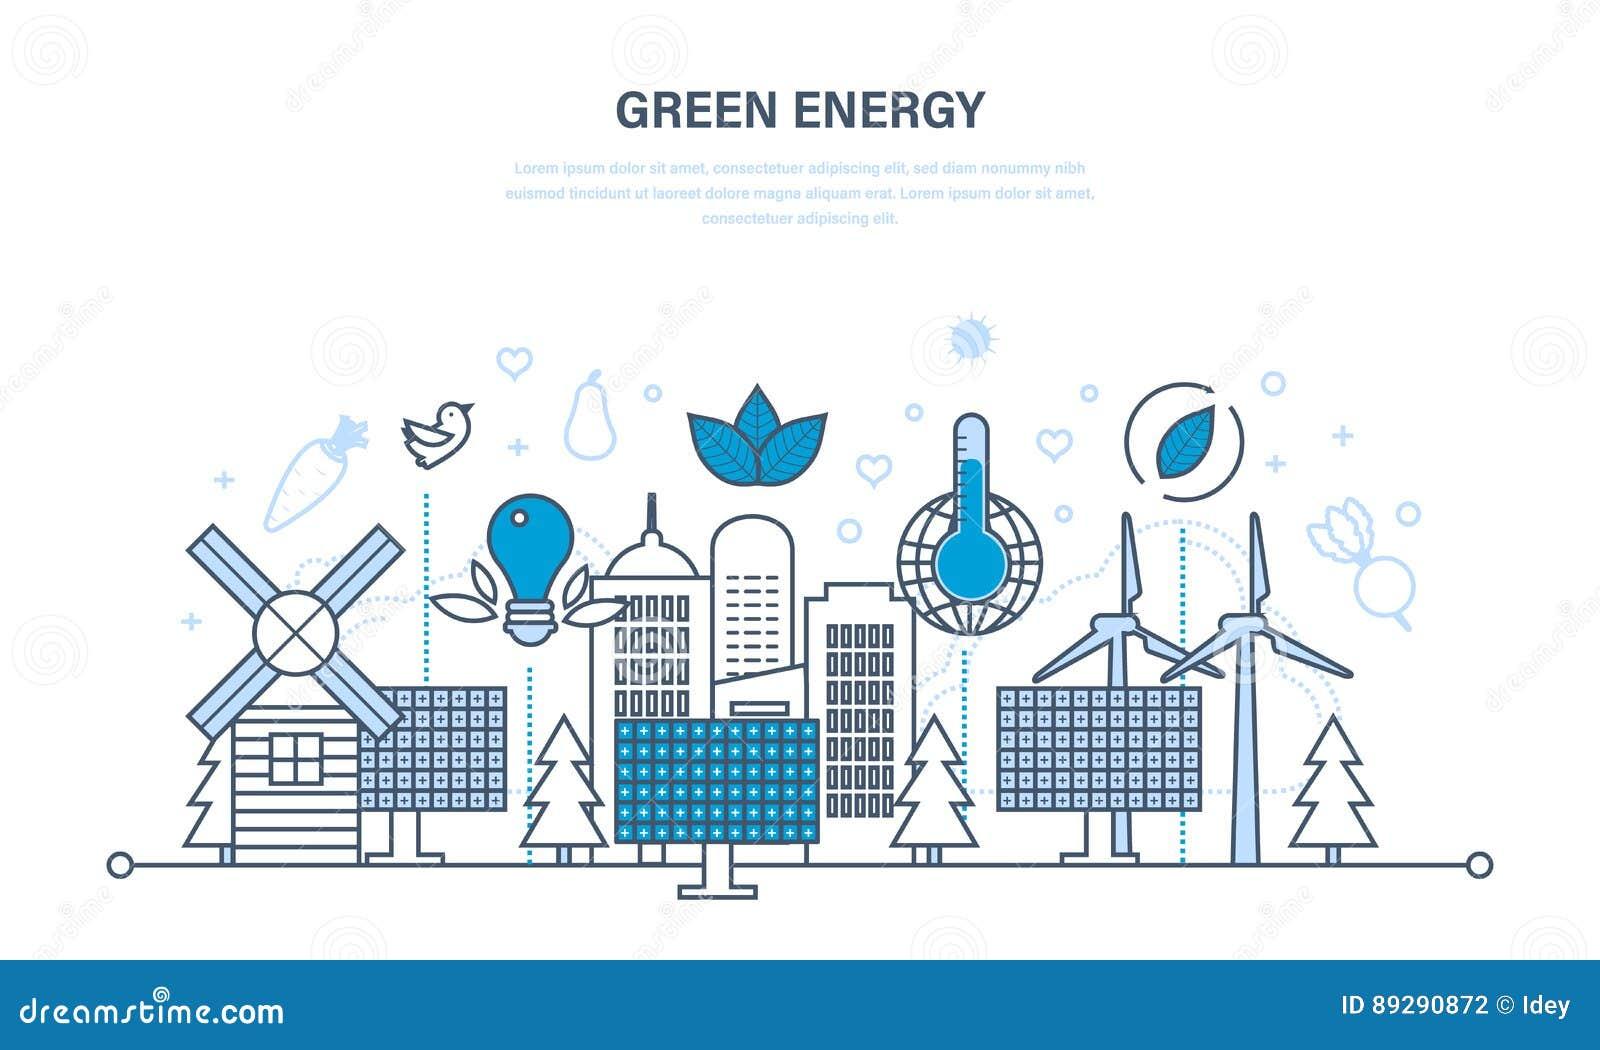 Natuurlijke energie, milieuvriendelijke middelen en zorgvuldige behandeling van hen